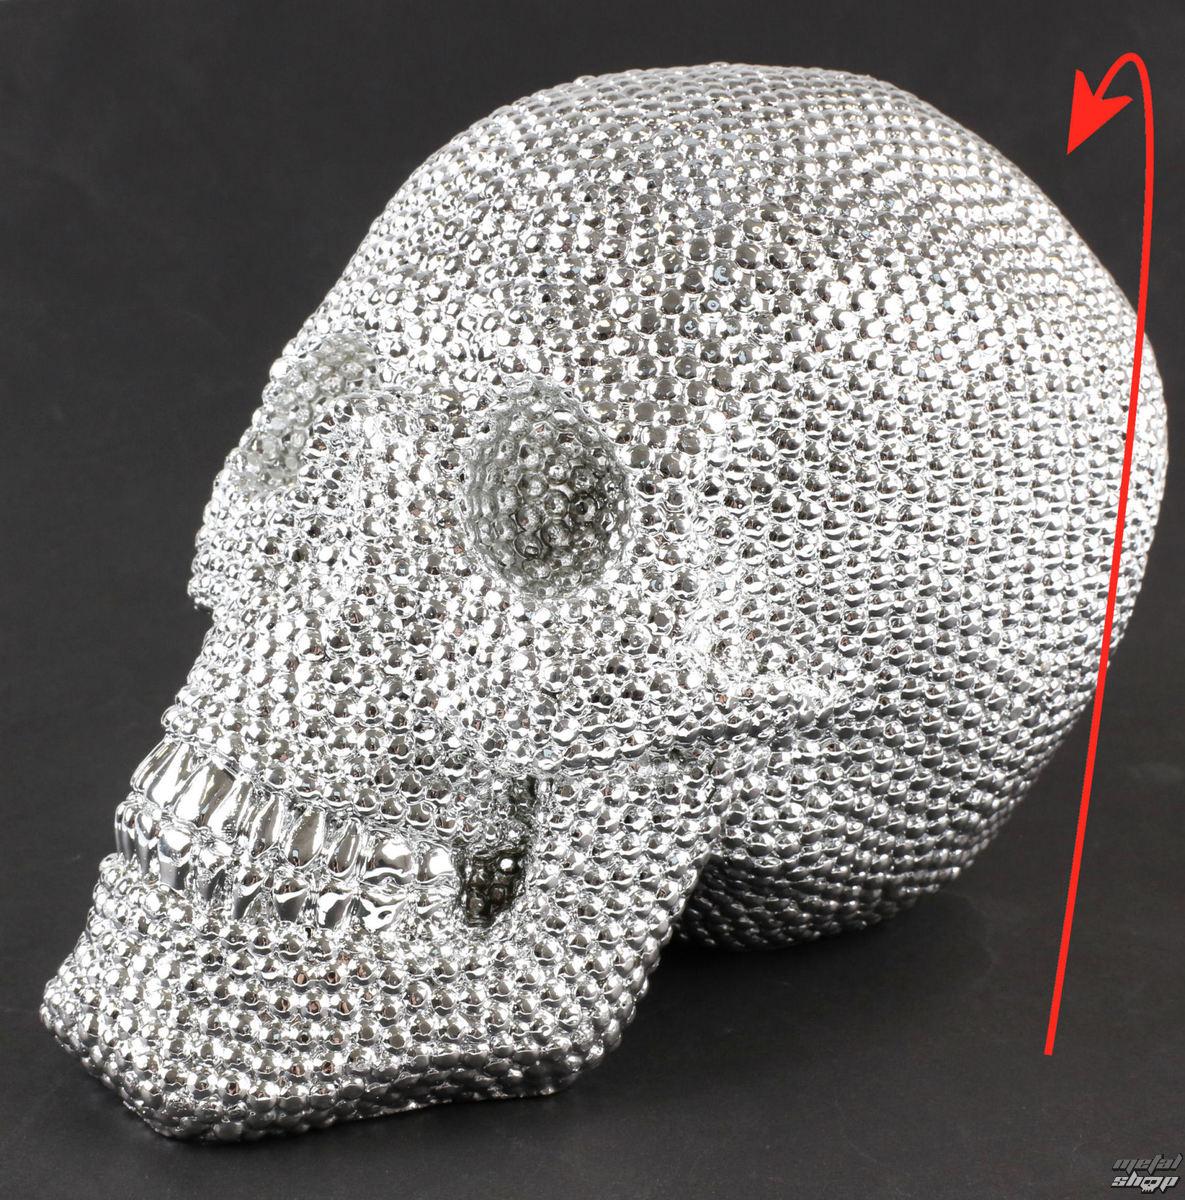 dekorácia Skull - Silver - 78/5744 - POŠKODENÁ - BEA056